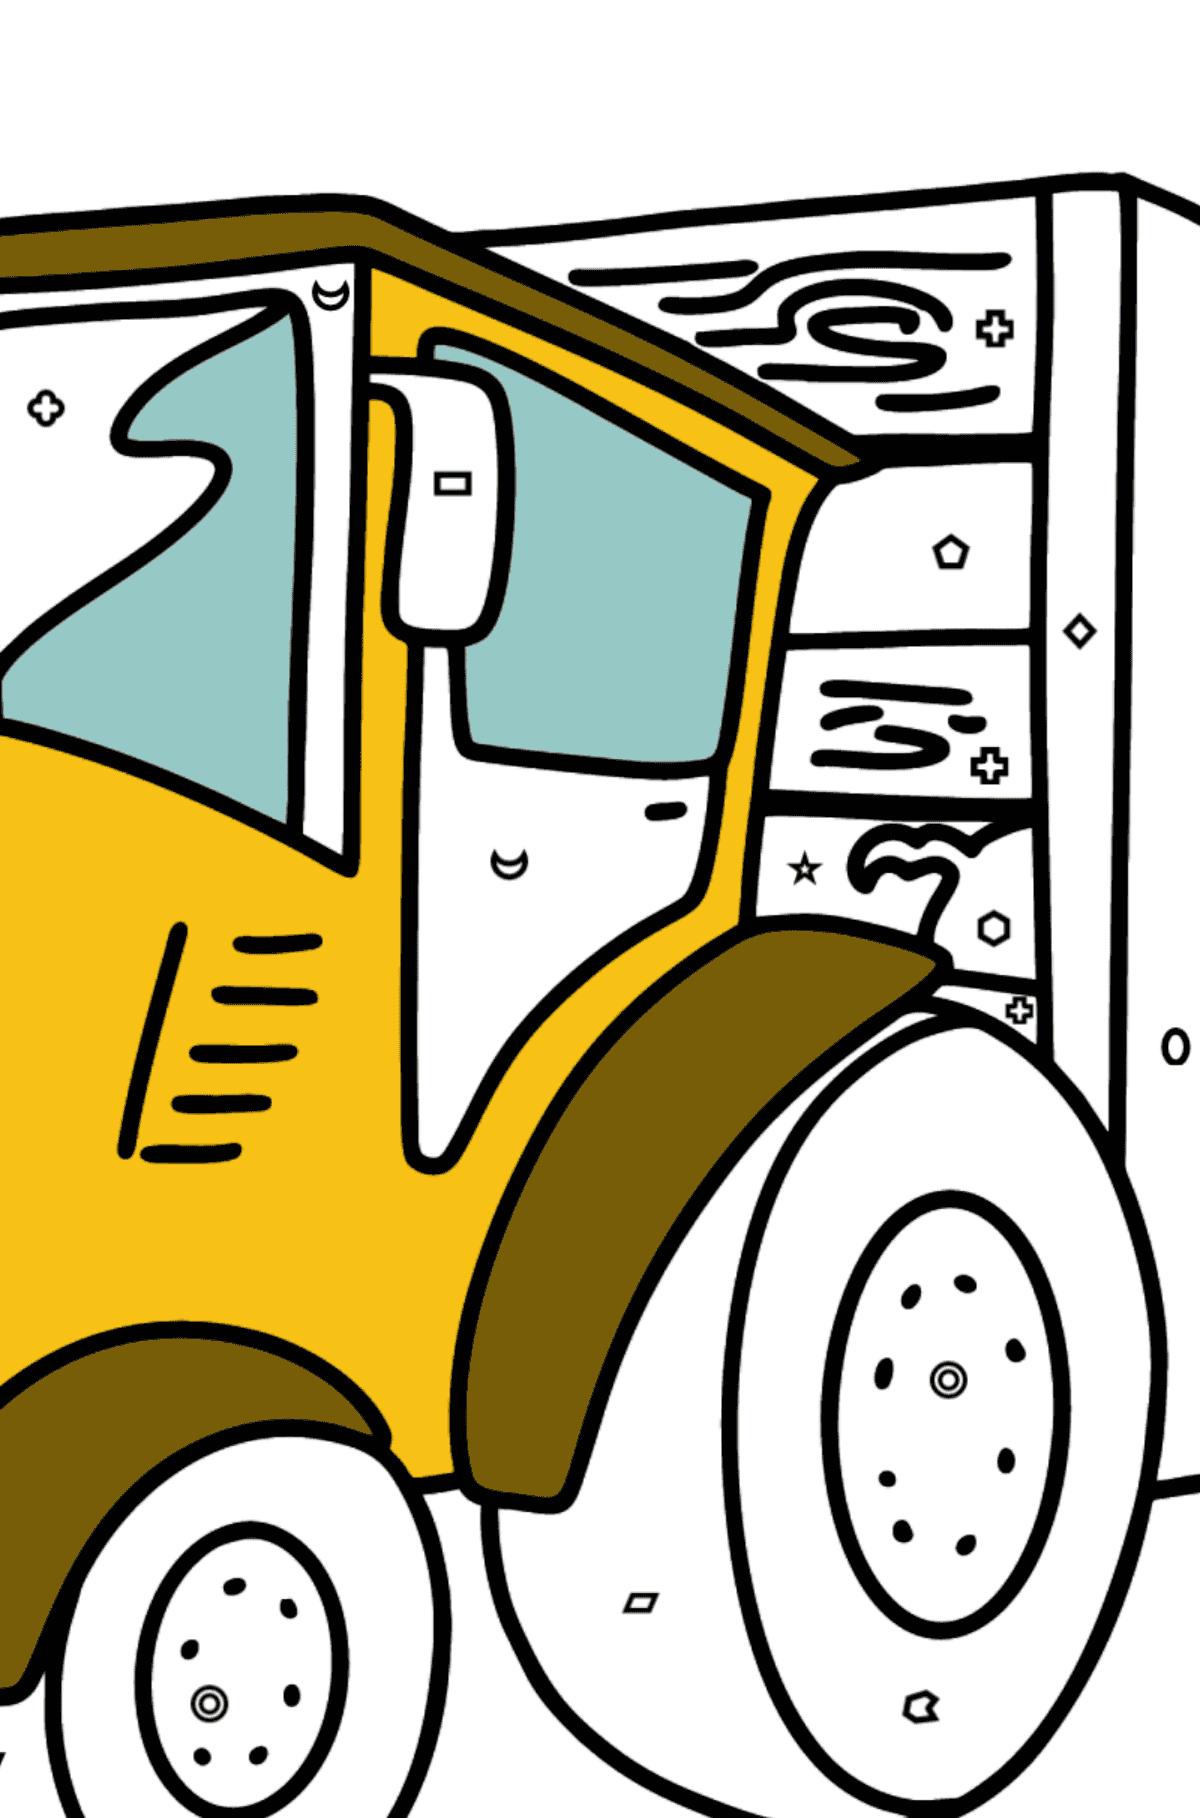 Раскраска трактор с прицепом для свиней - Раскраска по Геометрическим Фигурам для Детей